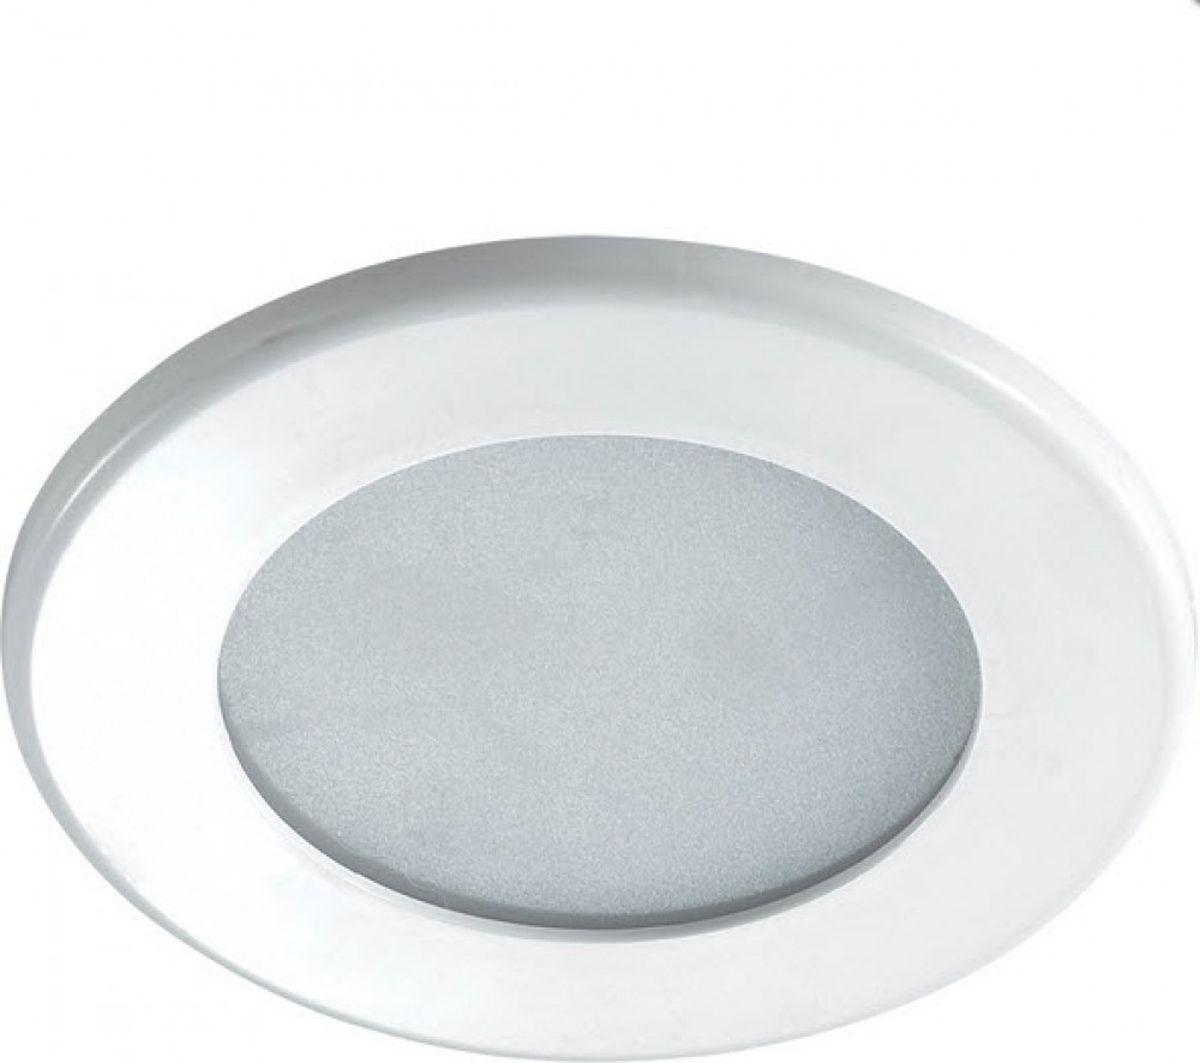 Светильник встраиваемый Novotech Luna, цвет: белый, LED, 1,4 Вт. 357164357164